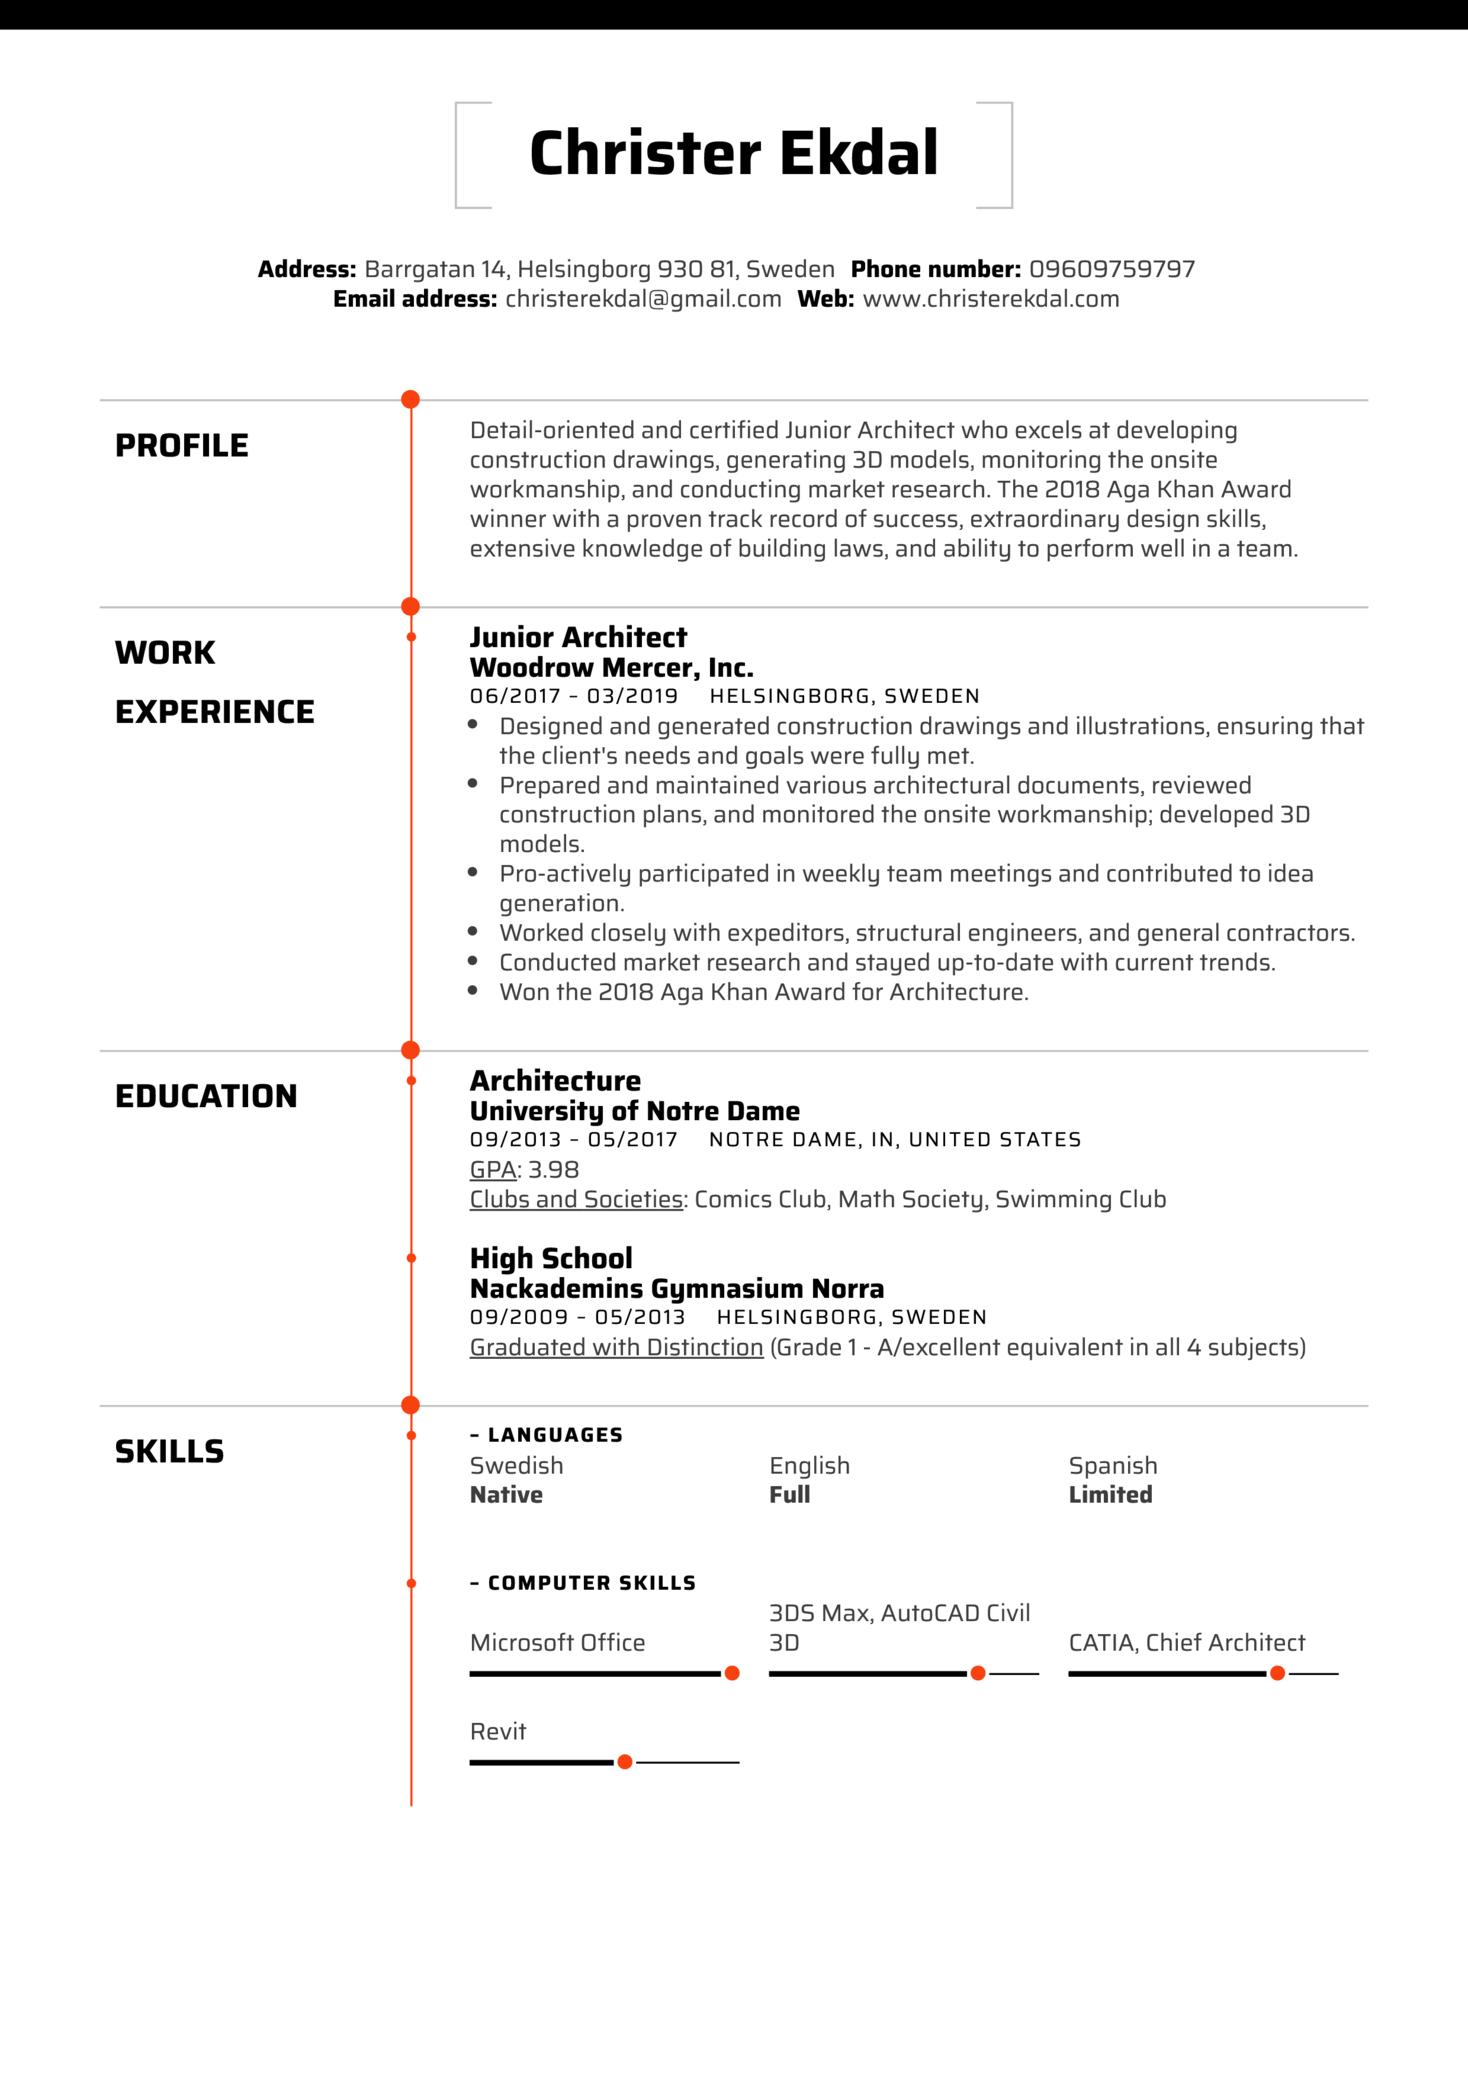 Junior Architect Resume Sample (parte 1)